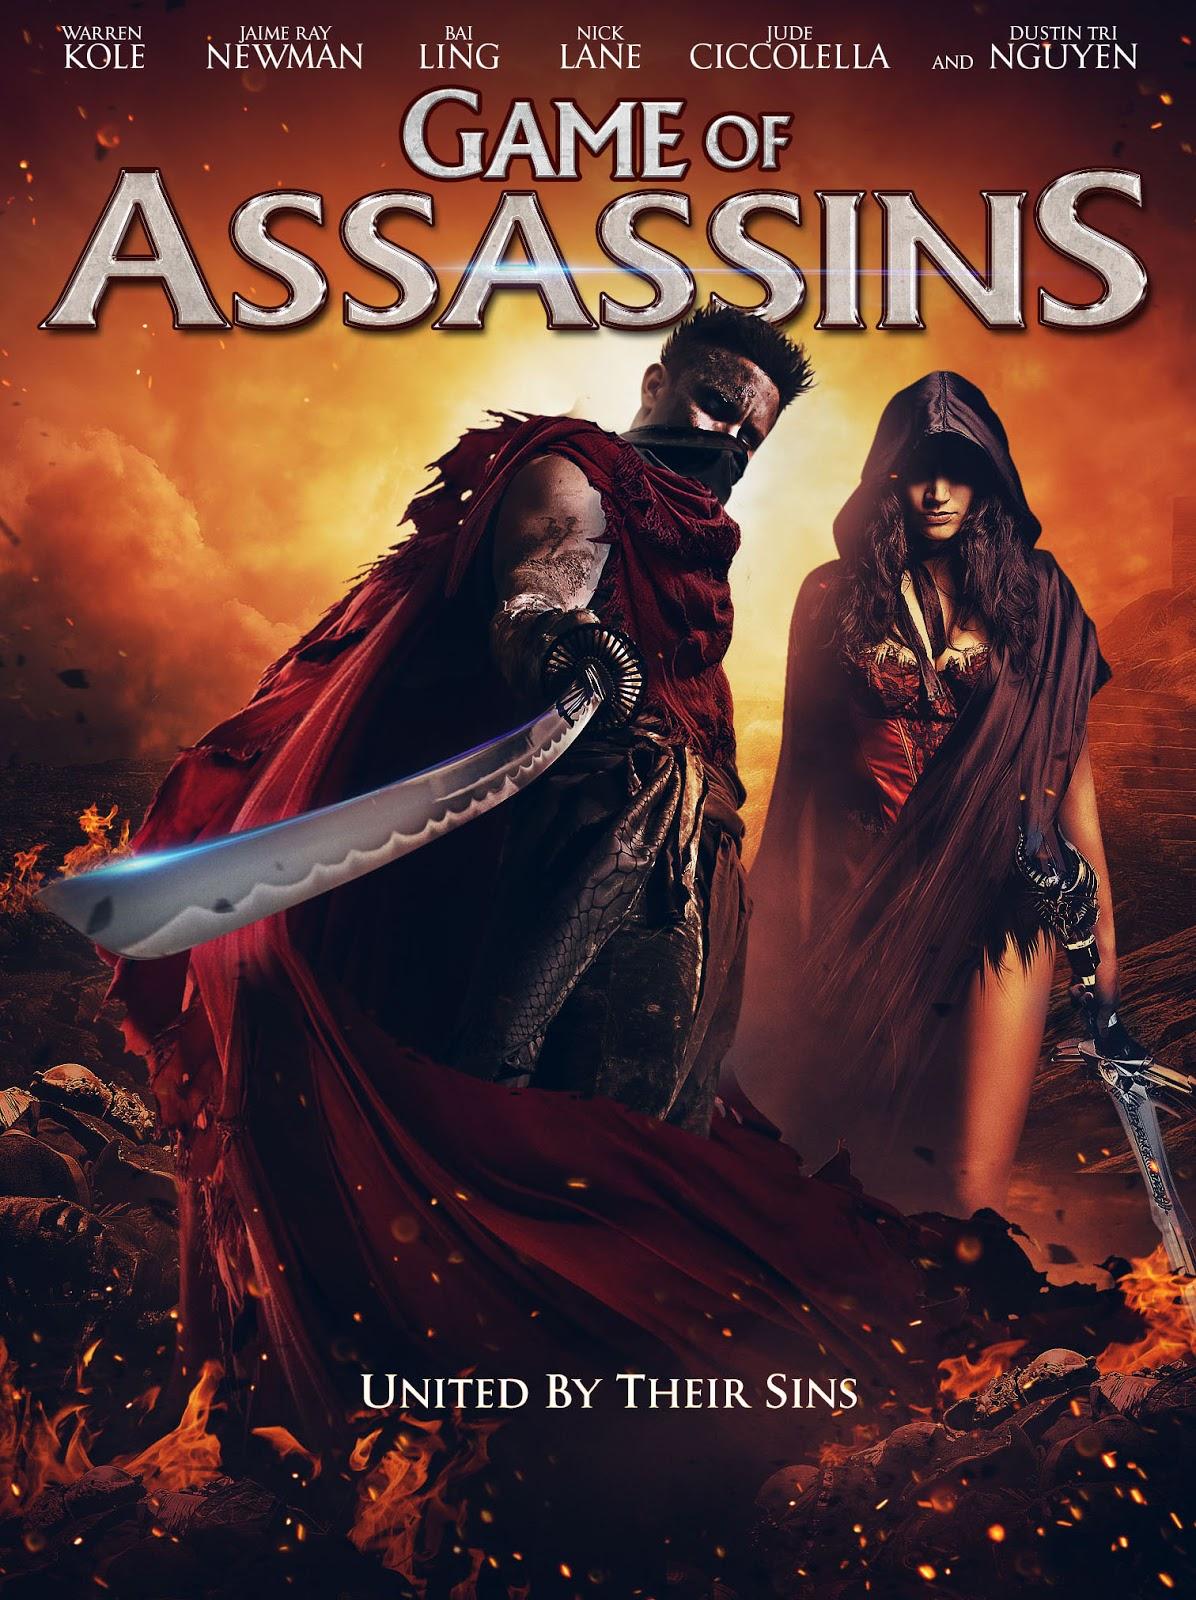 Game of Assassins [2013] [DVDR] [NTSC] [Subtitulado]